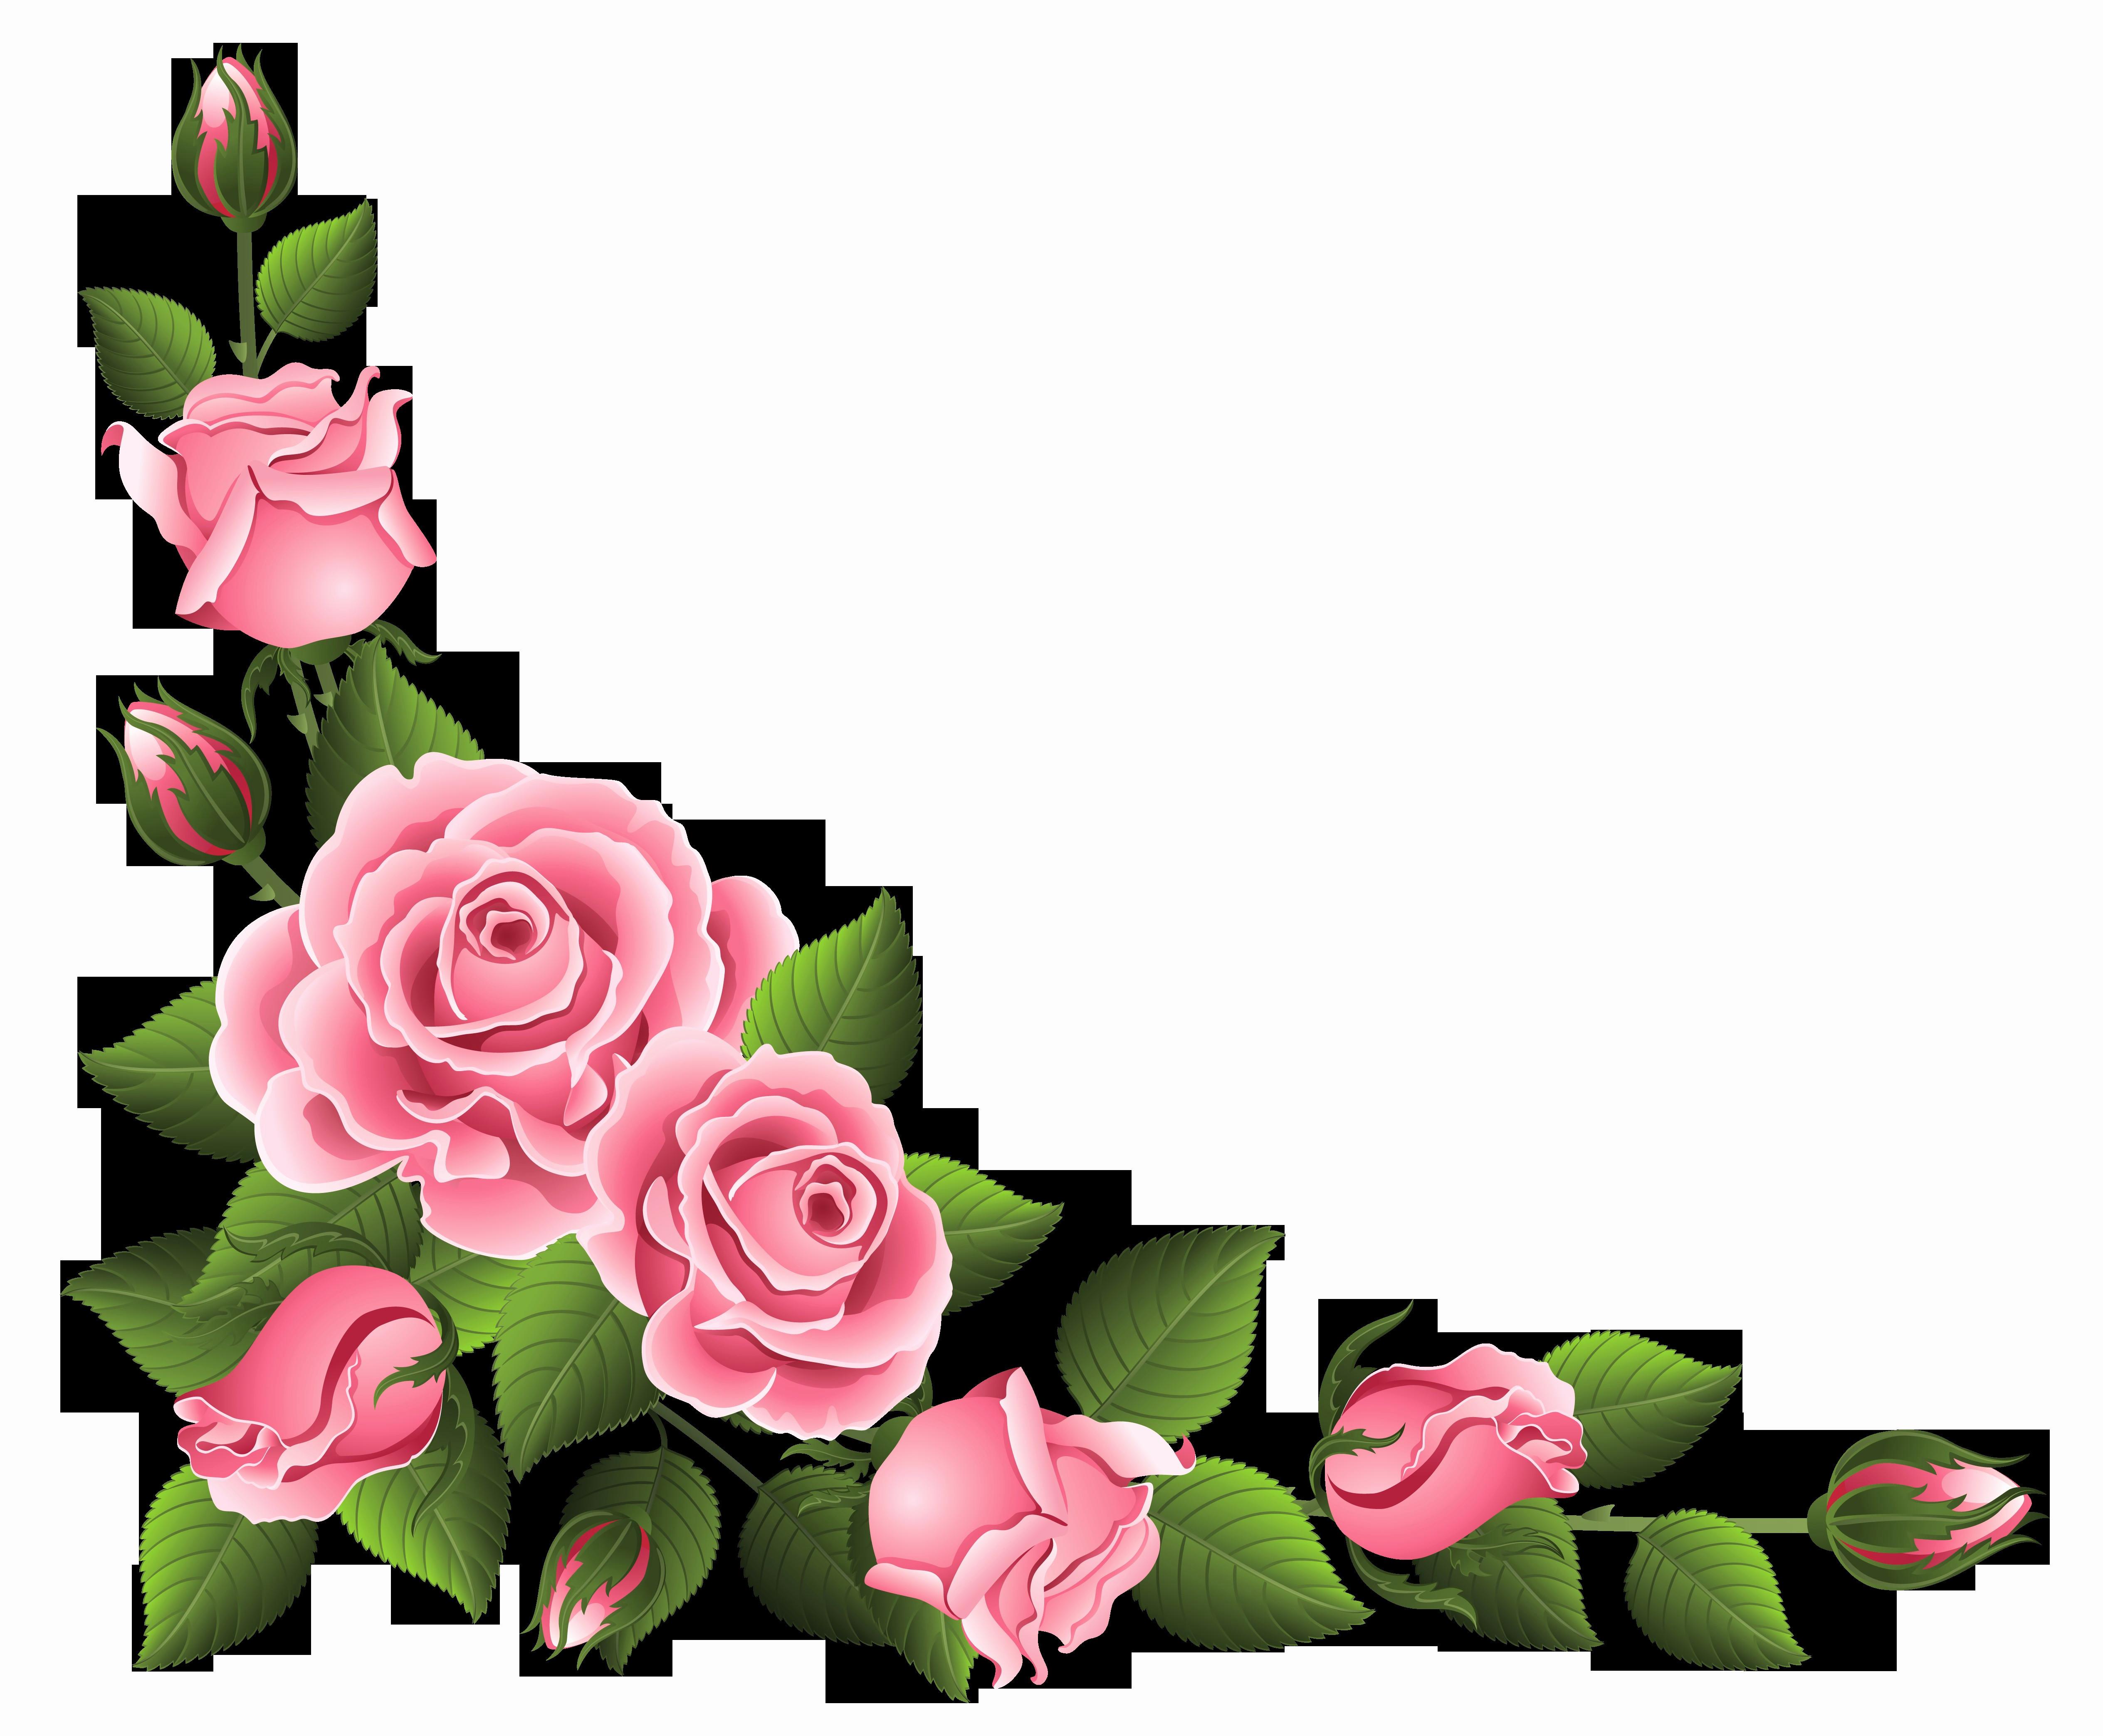 flower vase food of 10 best of vase stand bogekompresorturkiye com regarding bodenvase deko neu flower vase table 04h vases tablei 0d clipart dining base end design